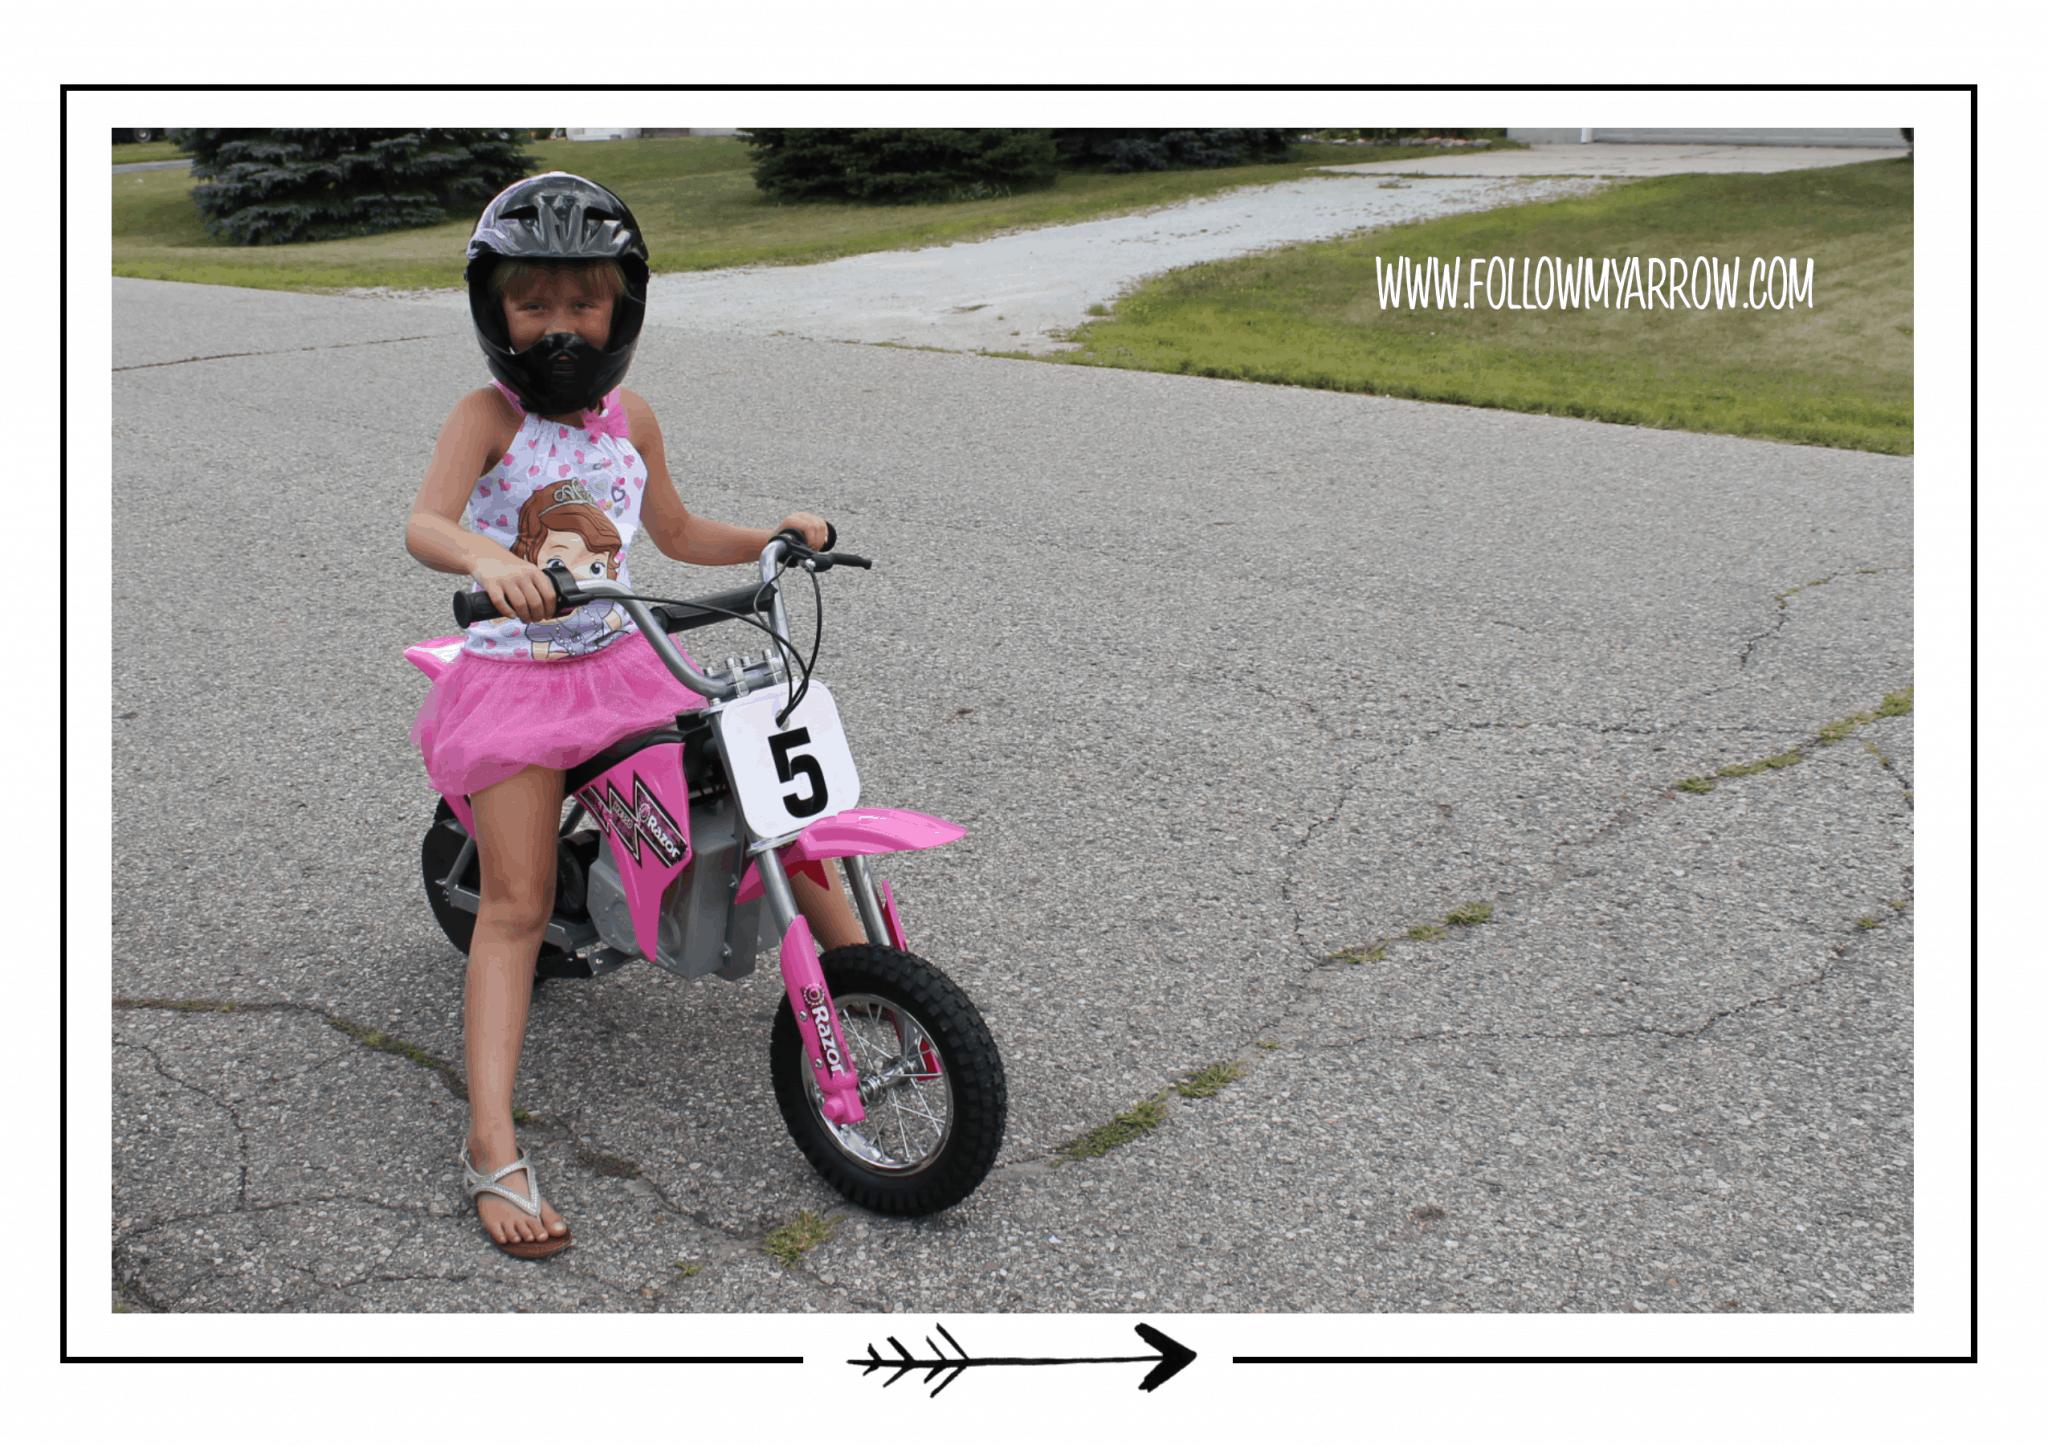 fma-hayden-dirt-bike